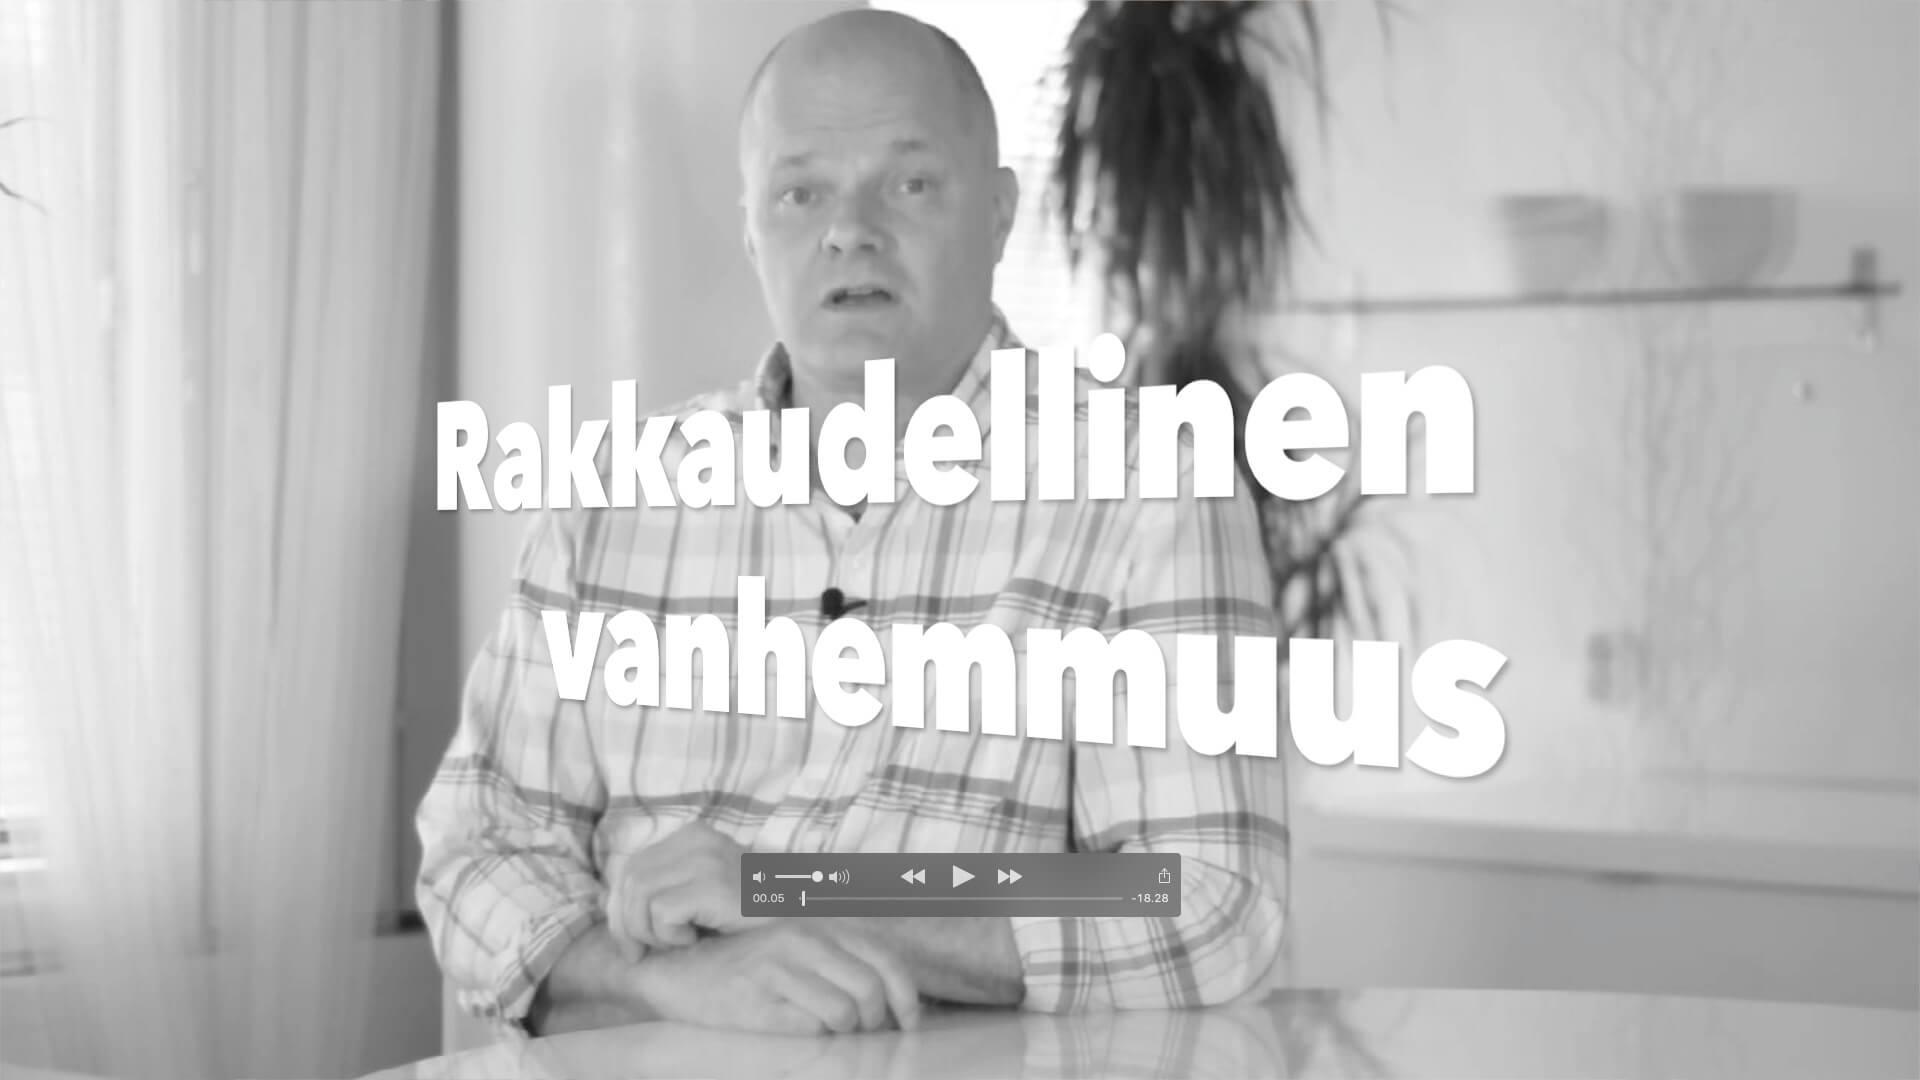 Vanhemmuuden tukeminen - Jari Koponen